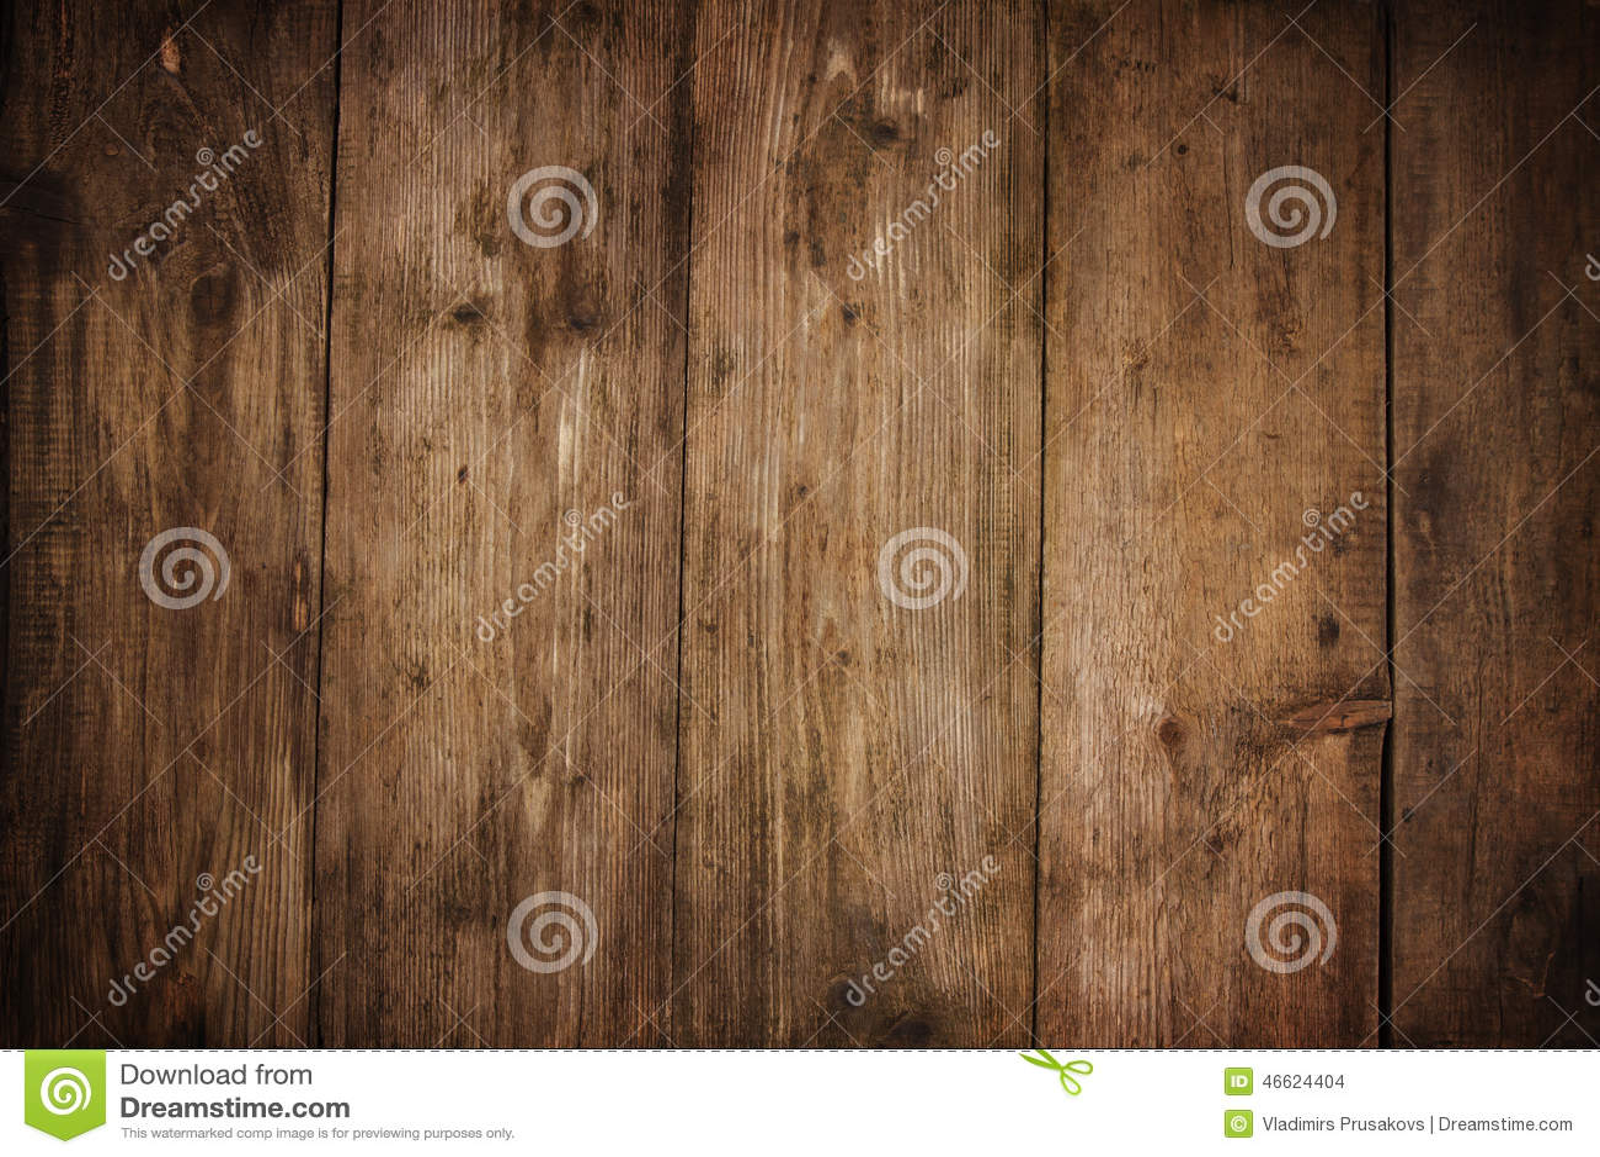 Drewniany tekstury deski adry tło, drewniany biurko stół lub podłoga,